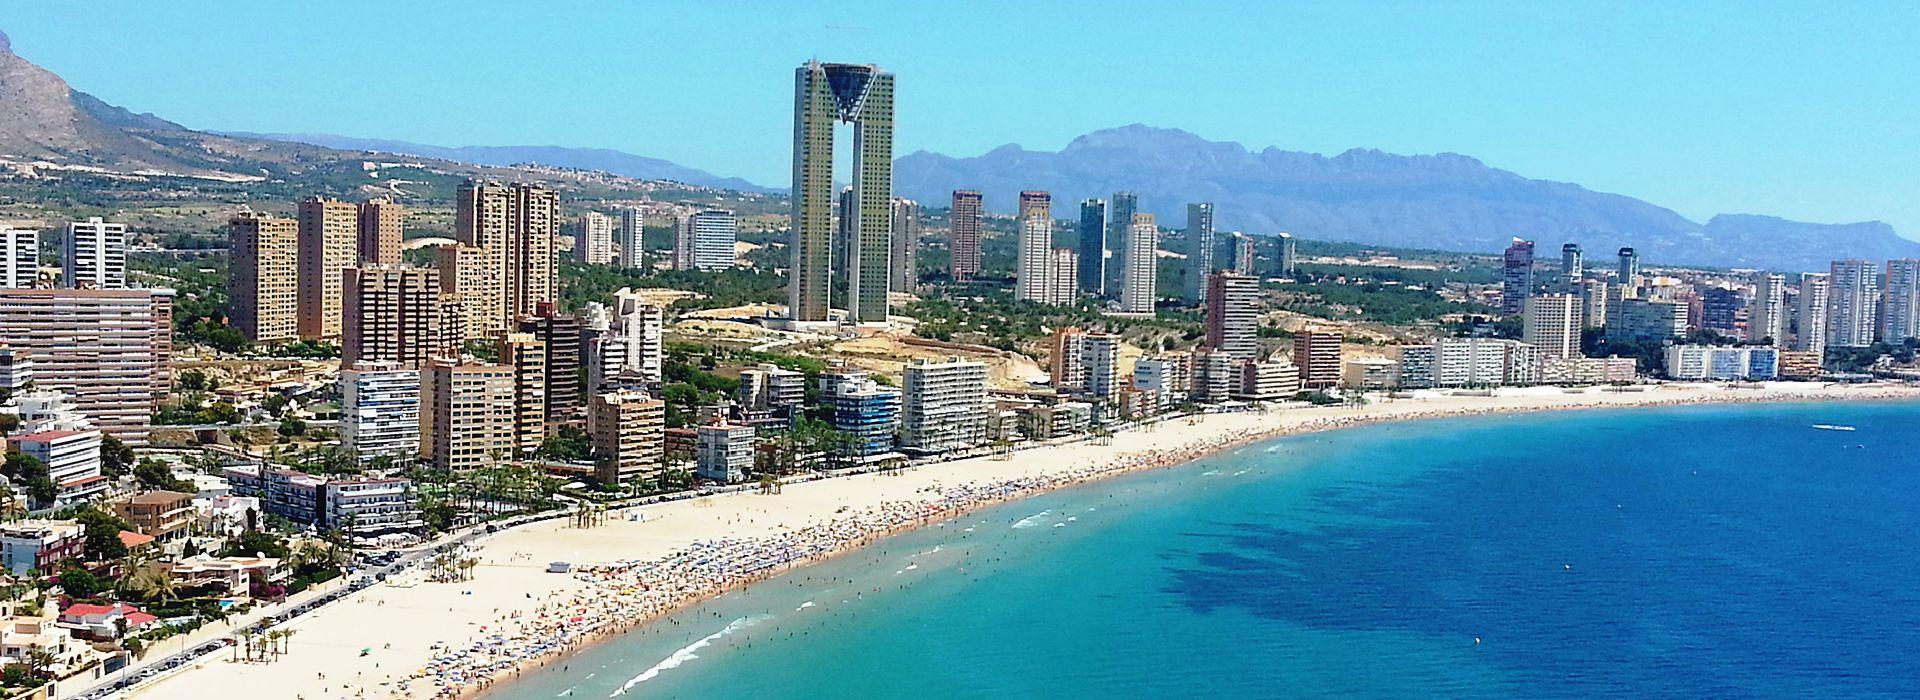 Коста-бланка известный курорт испании описание курортов и отелей мира.